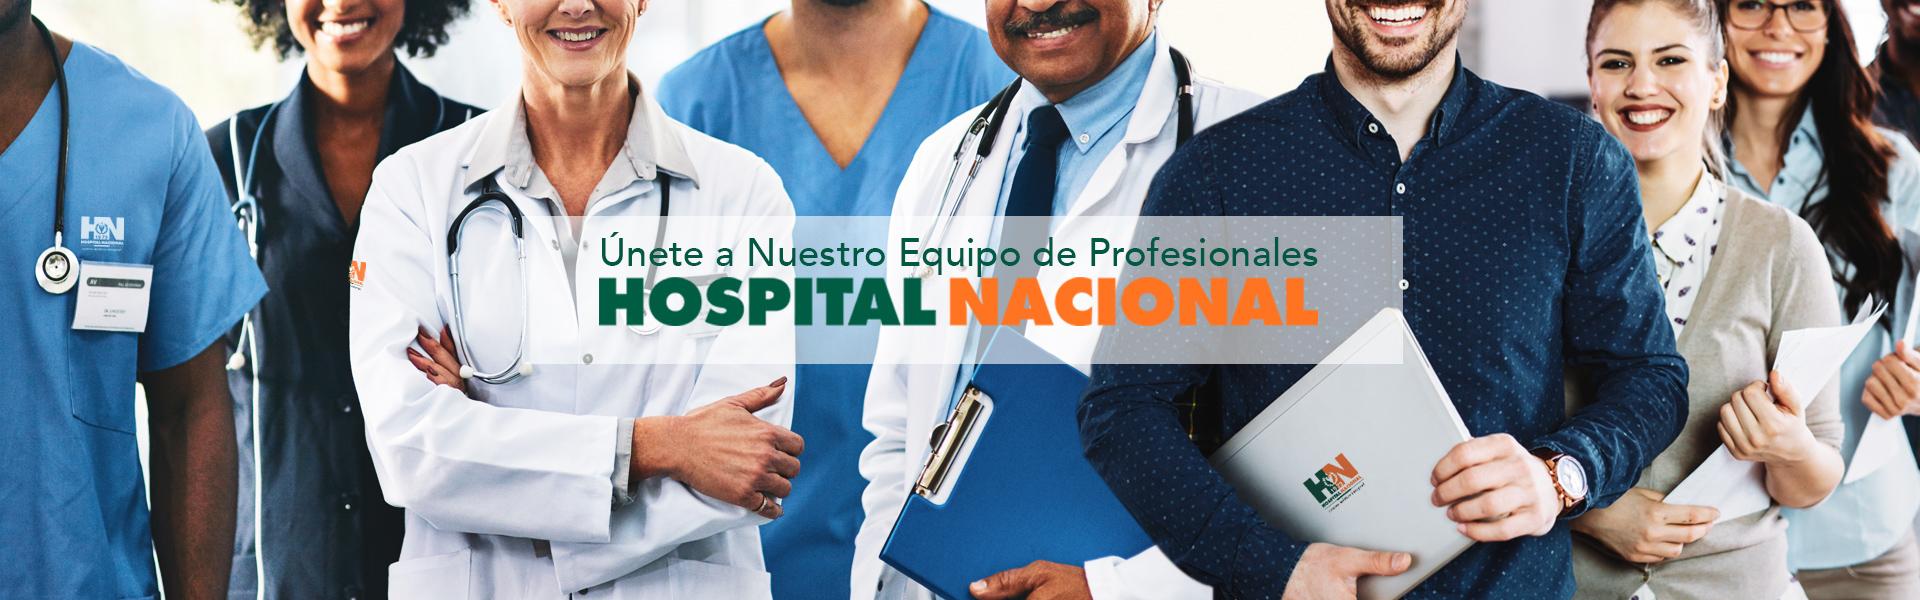 únete a nuestro equipo de Hospital Nacional